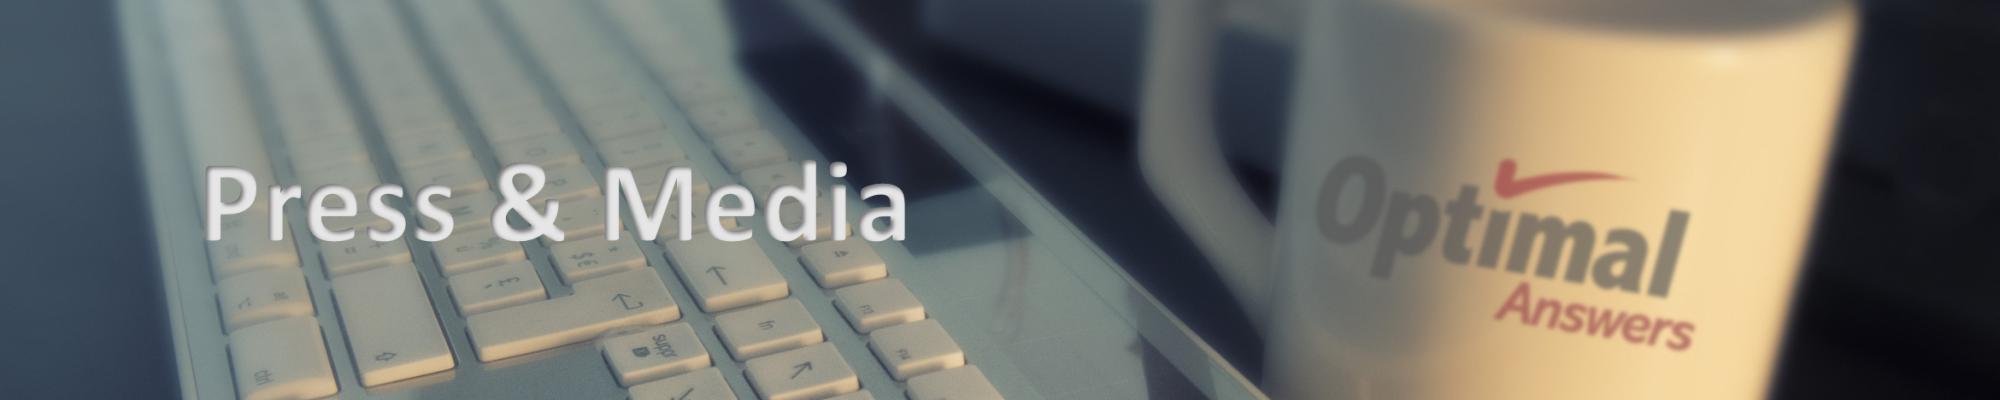 Press&Media_v4